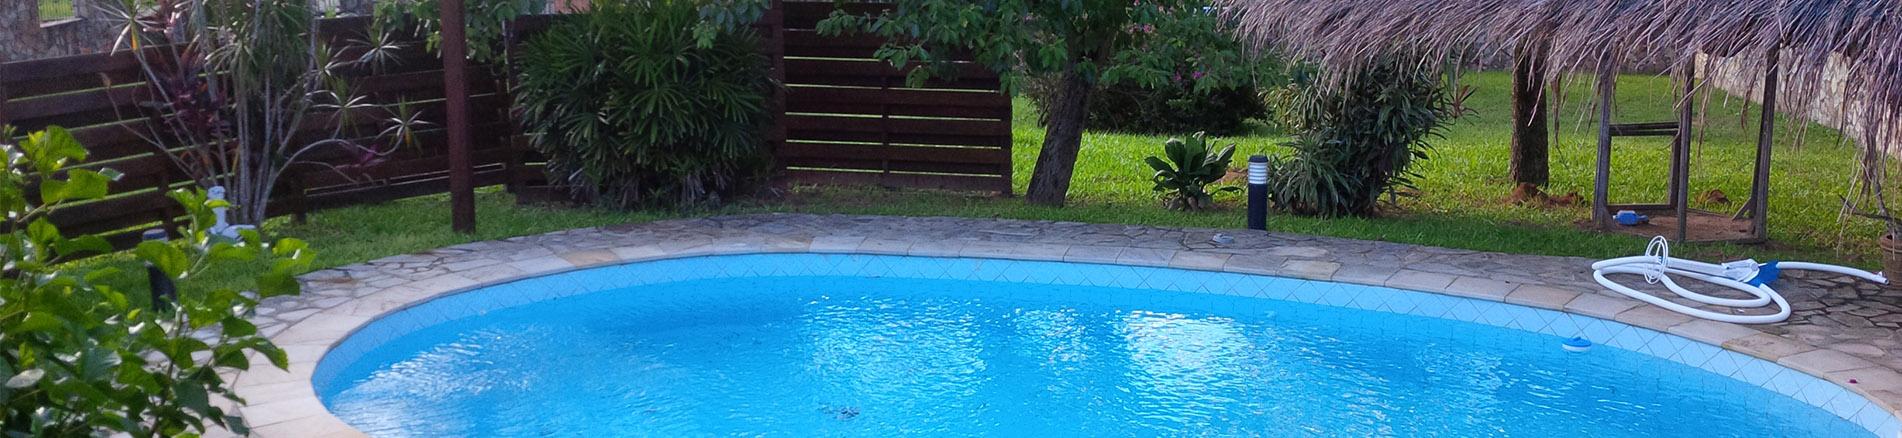 Paraguay Haus Kaufen Bild 2